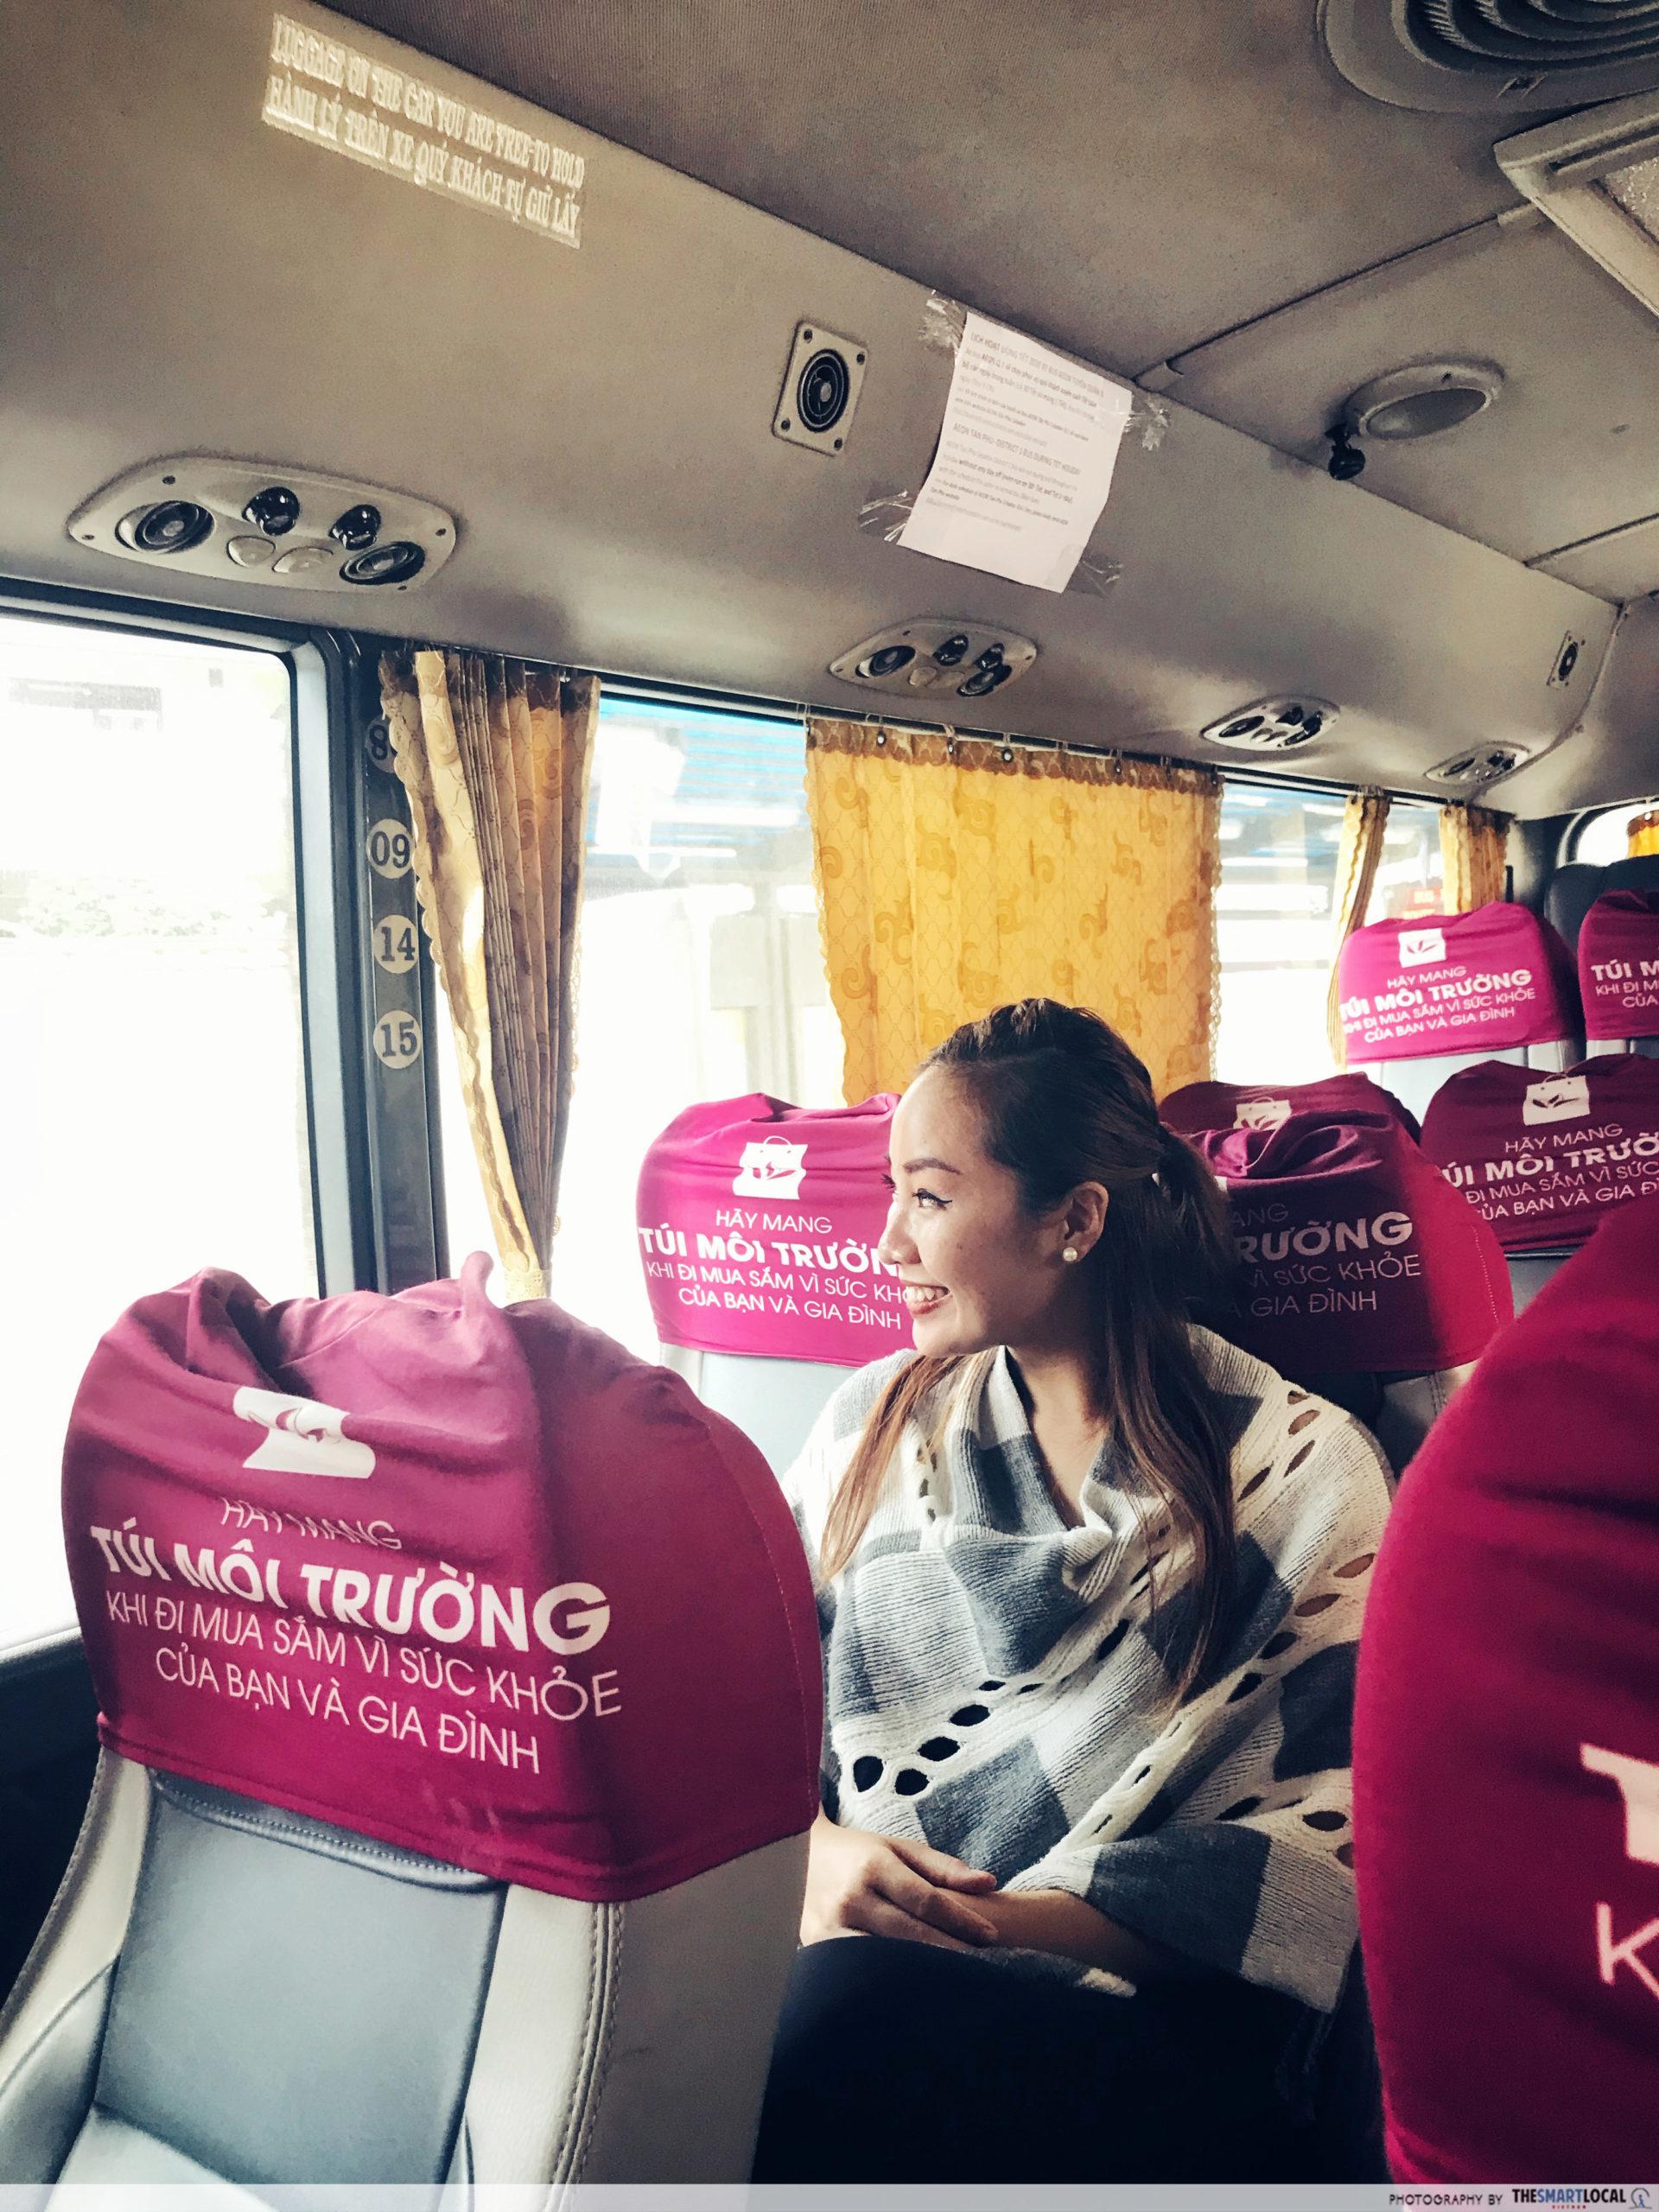 Aeon mall shuttle bus